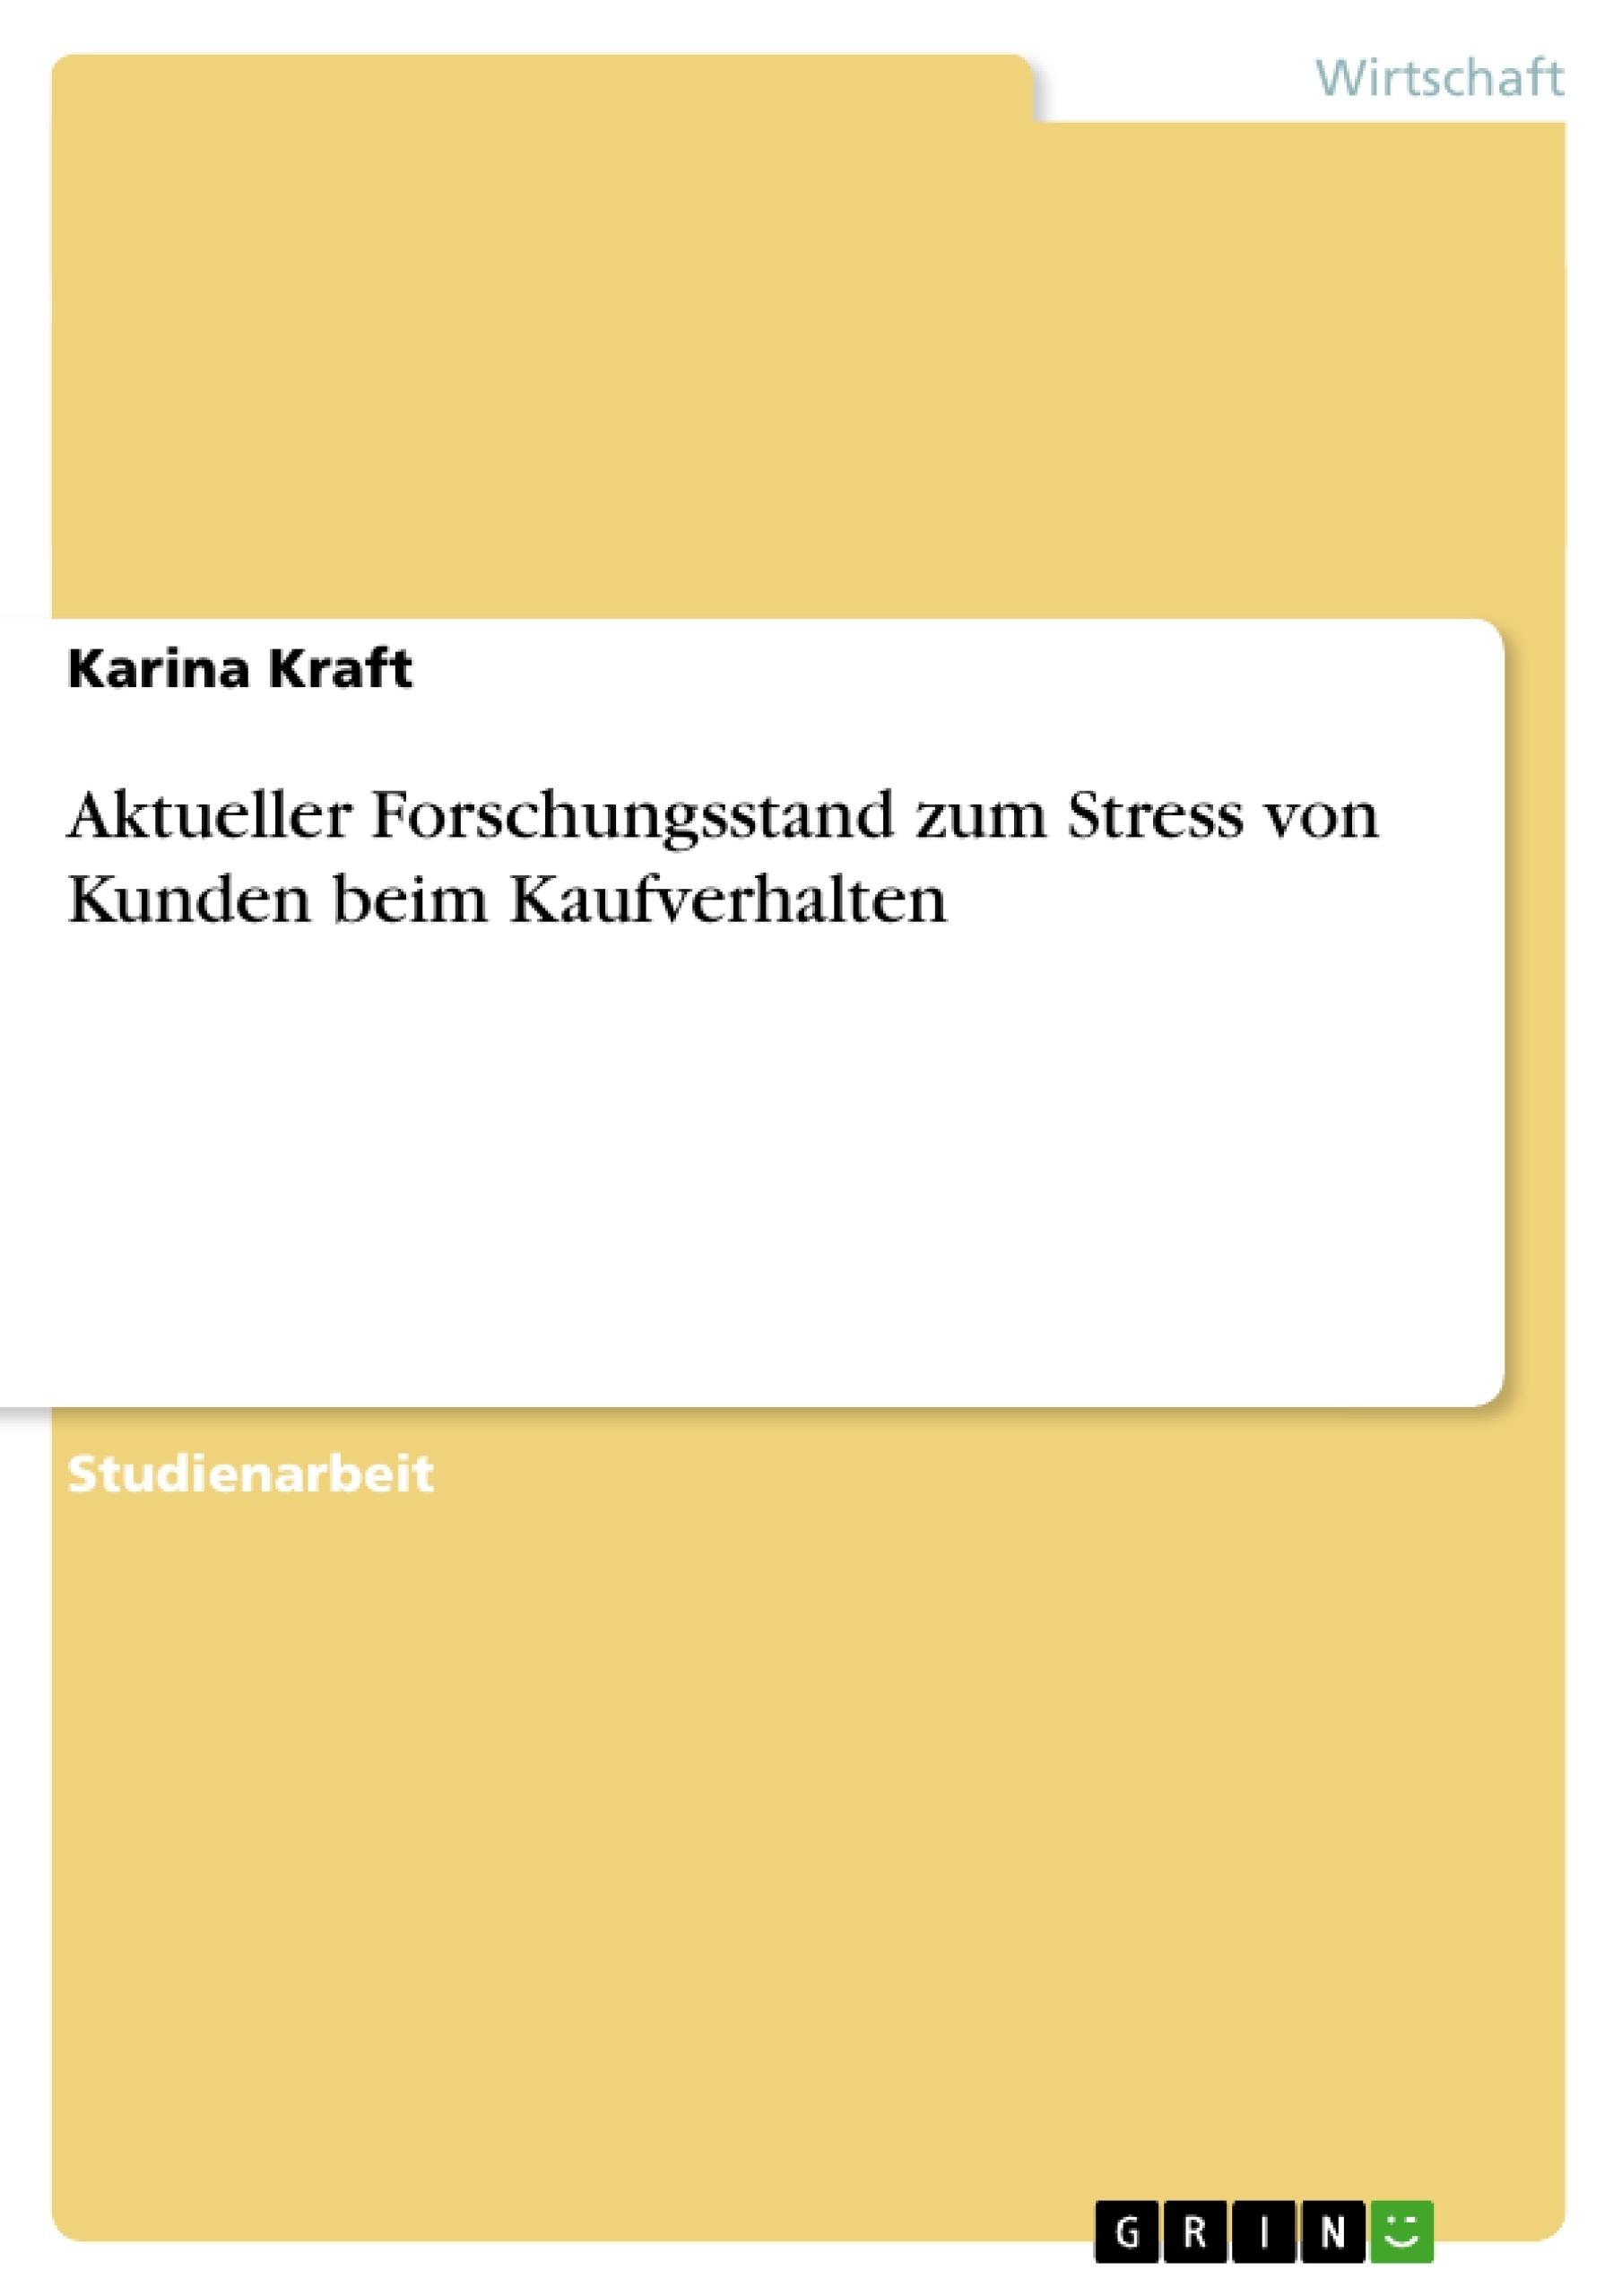 Hausarbeit forschungsstand bachelor kaufen deutschland